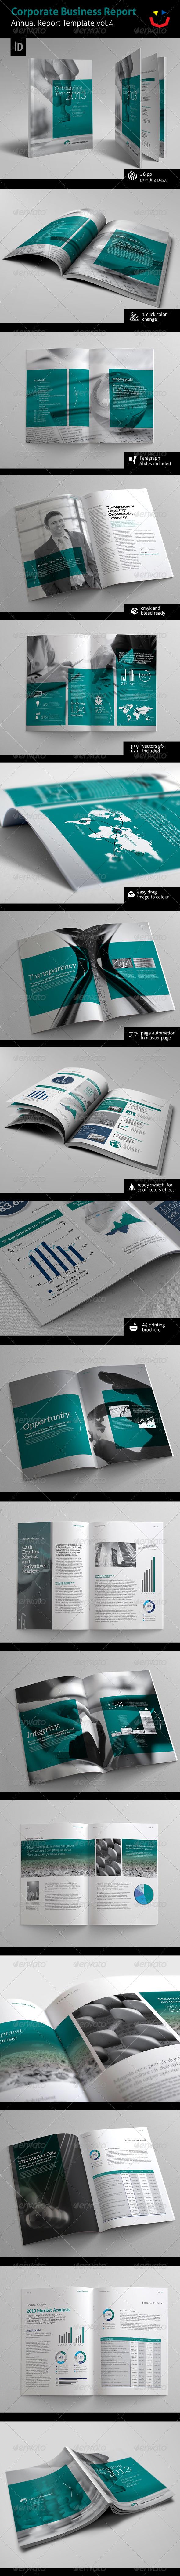 GraphicRiver Corporate Annual Report Vol.4 6419688